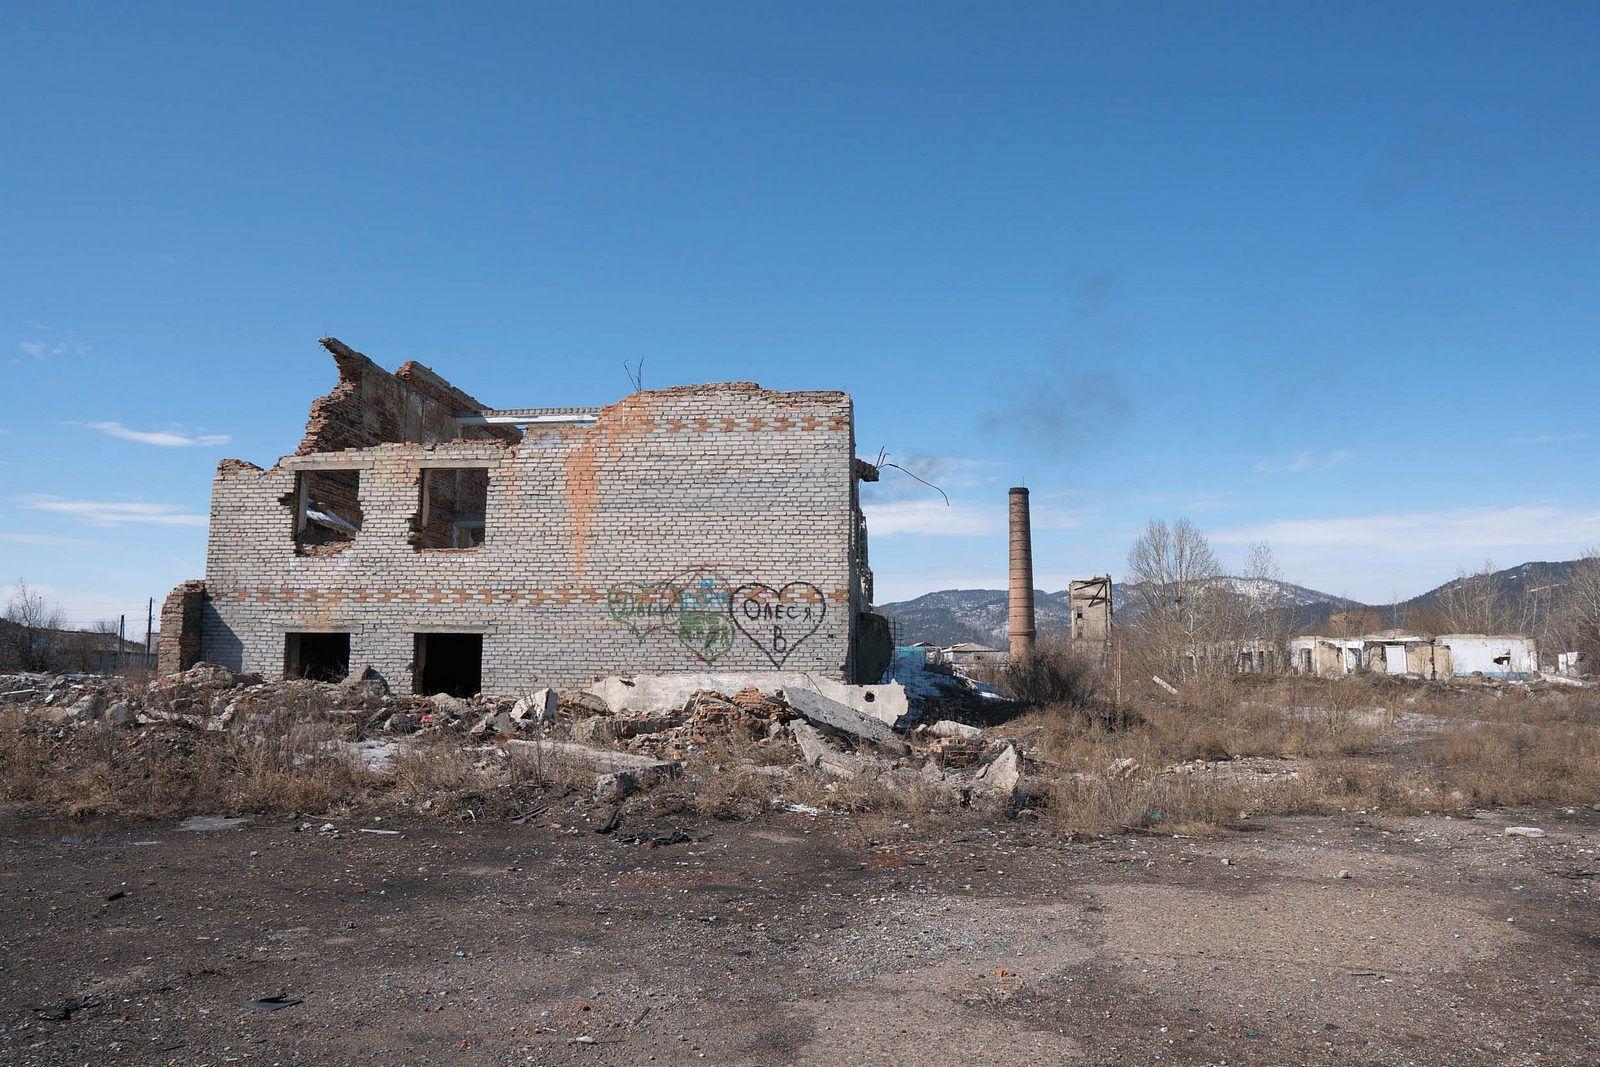 Возведённый на века завод в Бурятии разрушен через 30 лет. Такова участь многих предприятий ДФО